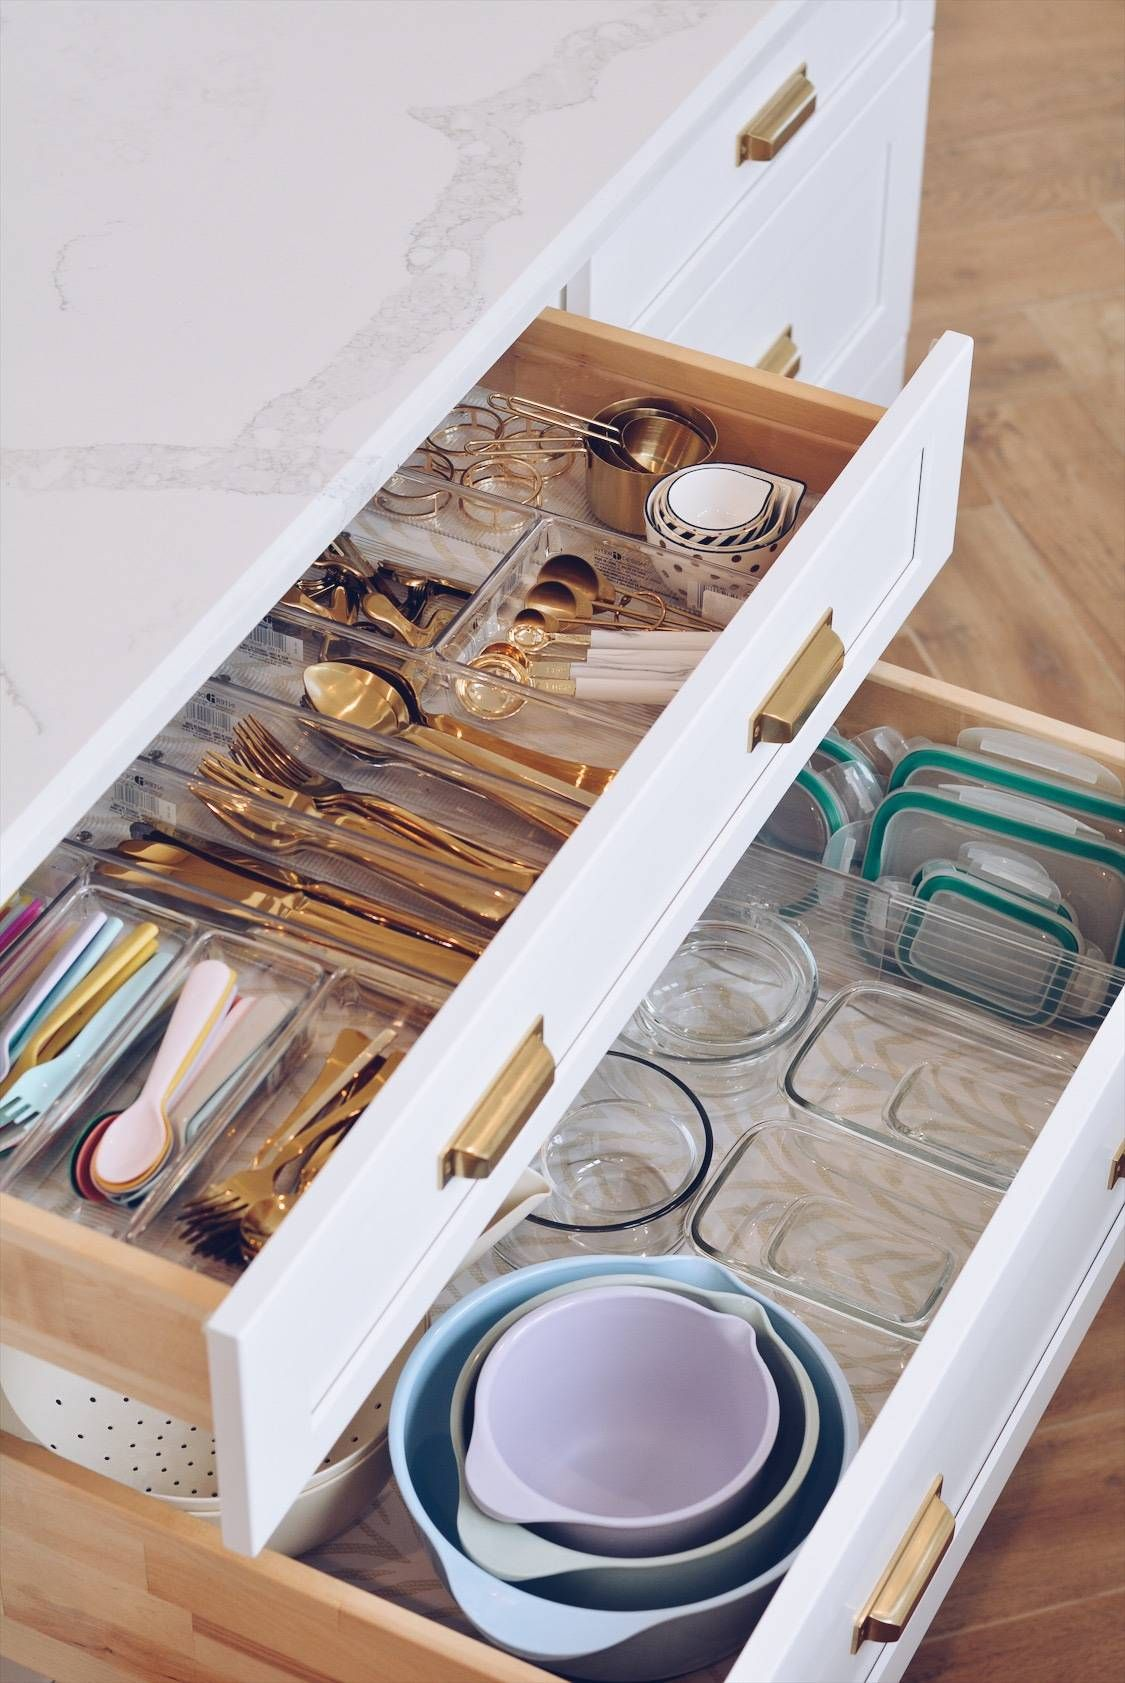 kitchen organization how to organize your kitchen drawers kitchen rh pinterest com